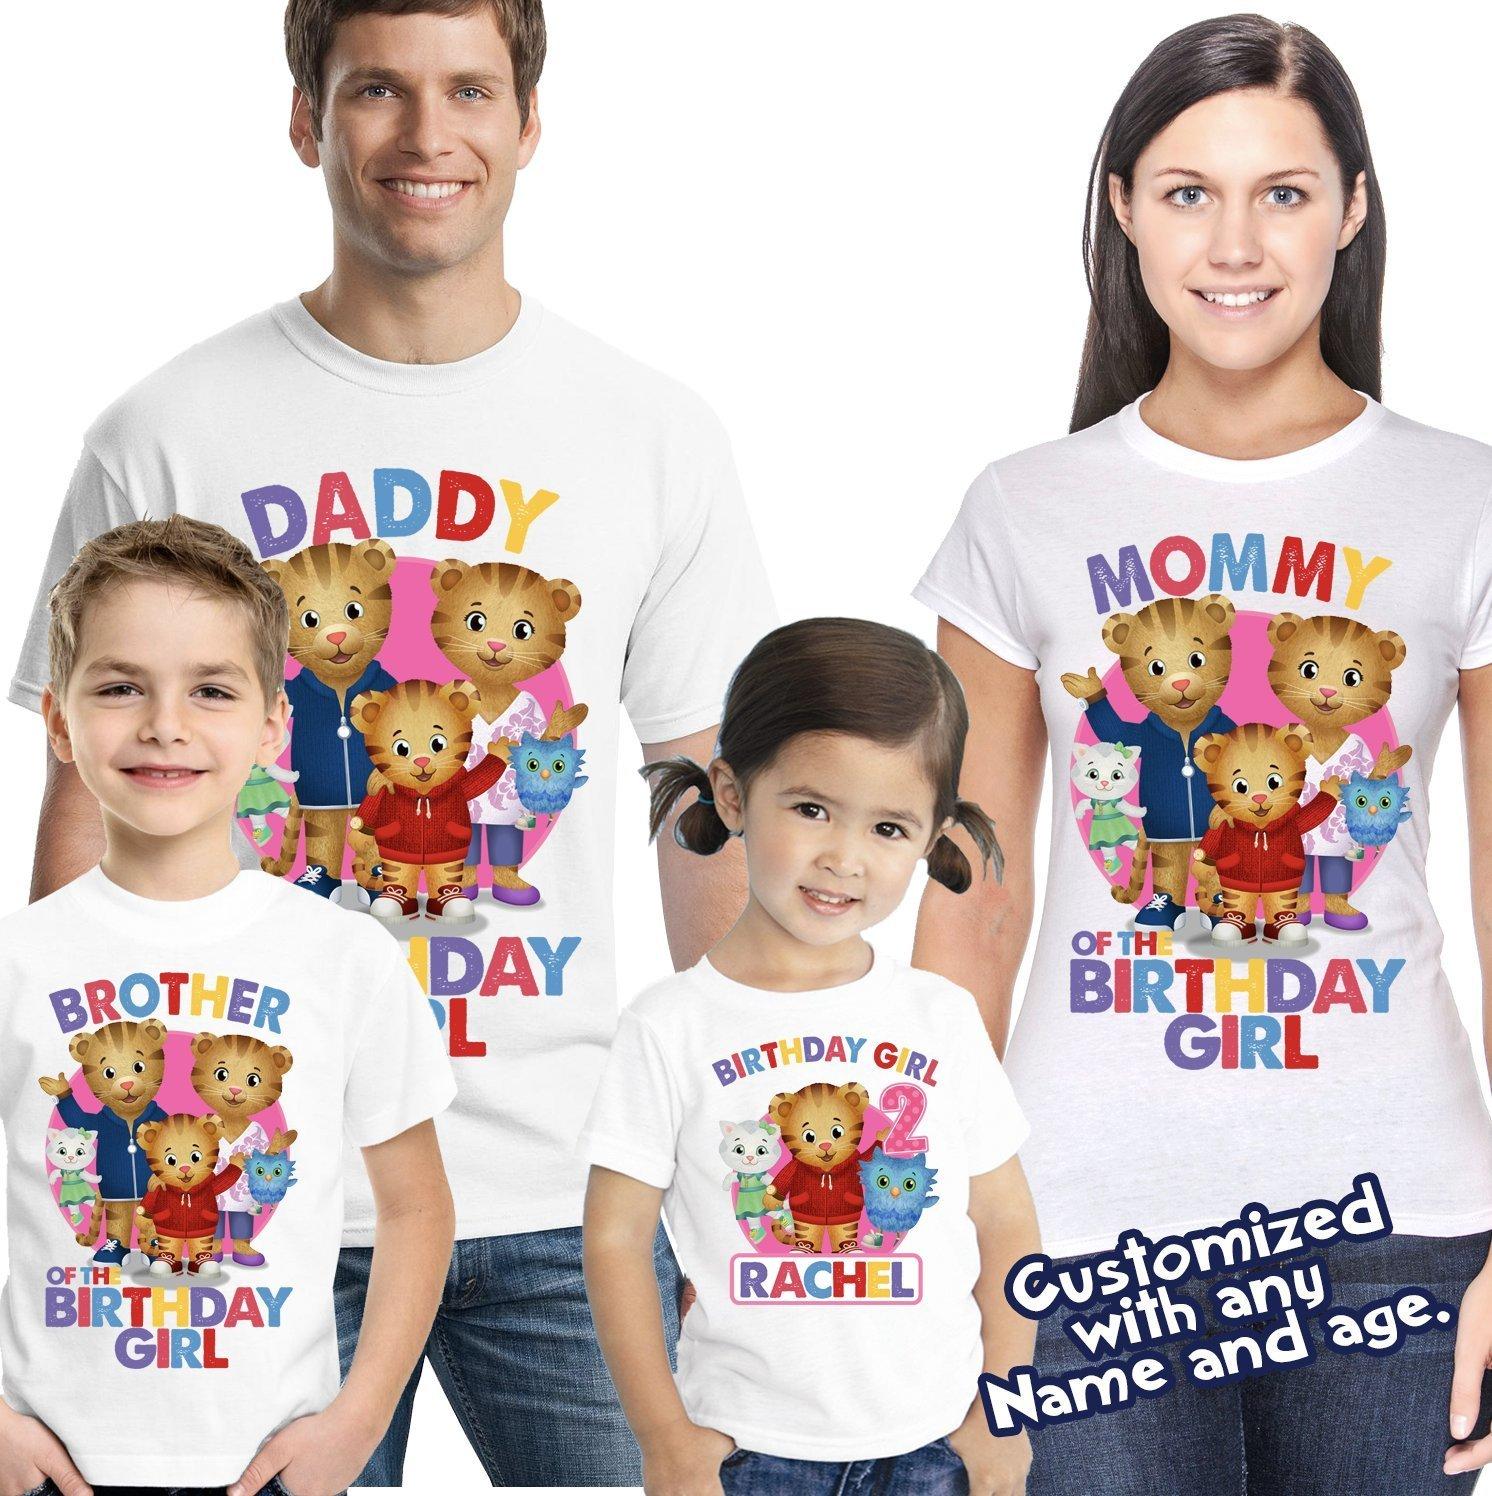 Daniel tiger birthday girl shirt, Daniel tiger party, Baby girls birthday shirt, Daniel tiger birthday theme, Daniel tiger birthday party